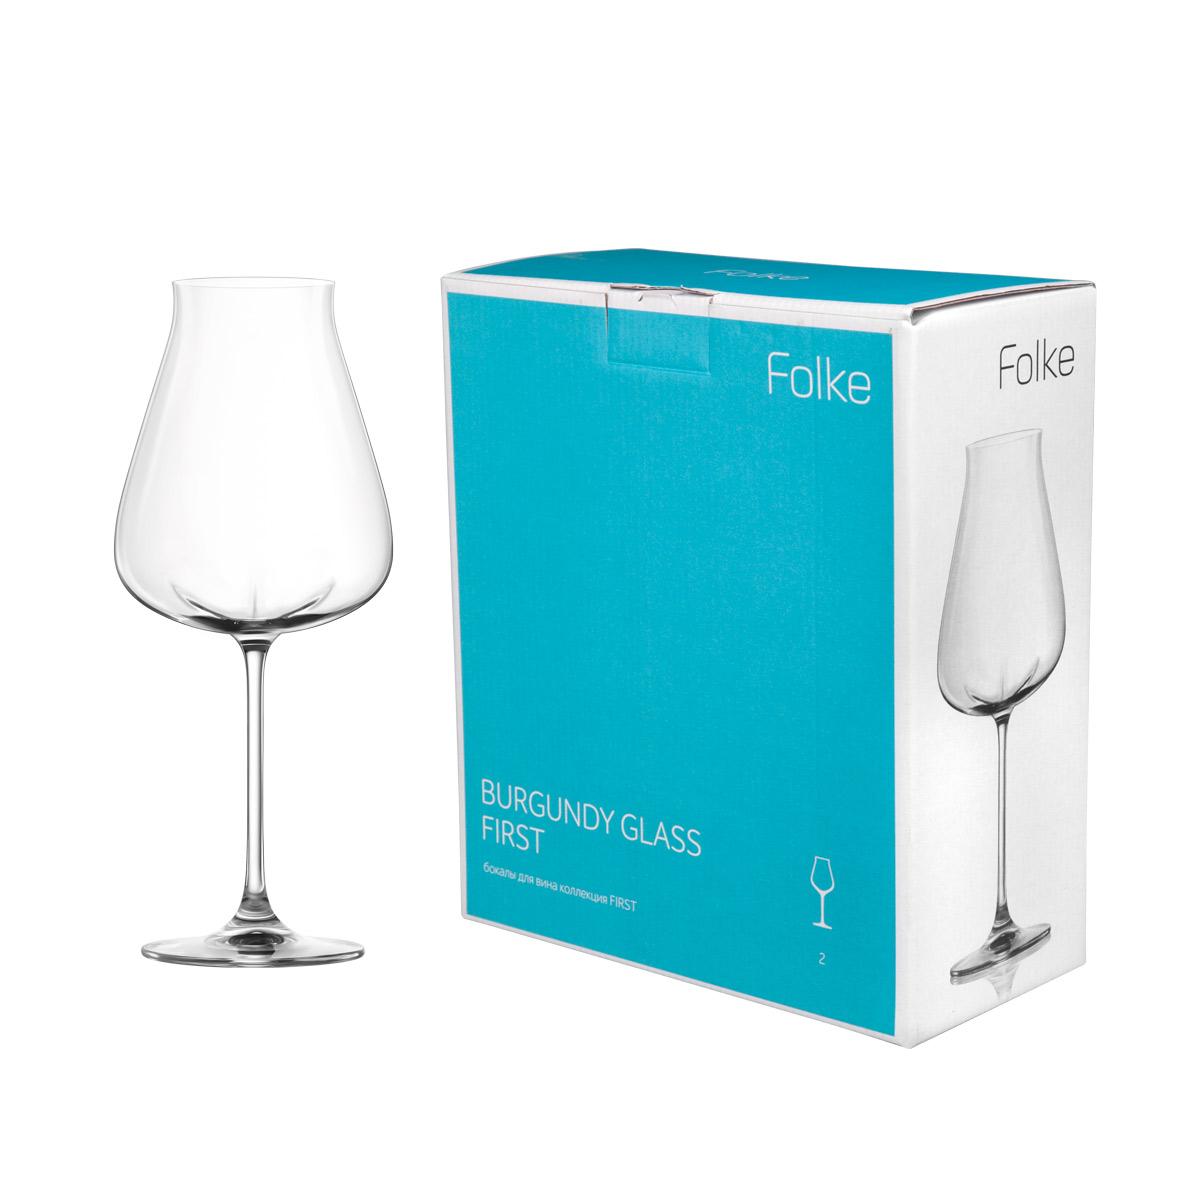 Набор бокалов для вина Folke Burgundy Glass, 700 мл, 2 предмета. 2007176UVT-1520(SR)Коллекция First- это бокалы из бессвинцового хрусталя высшего качества. Наша продукция отличается исключительной чистотой и повышенной устойчивостью к механическим повреждениям. Улучшенные характеристики изделий позволяют использовать их повседневно в домашних условиях и в ресторанном бизнесе. Оригинальный дизайн позволяет любому напитку полностью раскрыться и заиграть новыми красками. Это поистине уникальное творение современных технологий и многолетнего опыта лучших мировых сомелье.